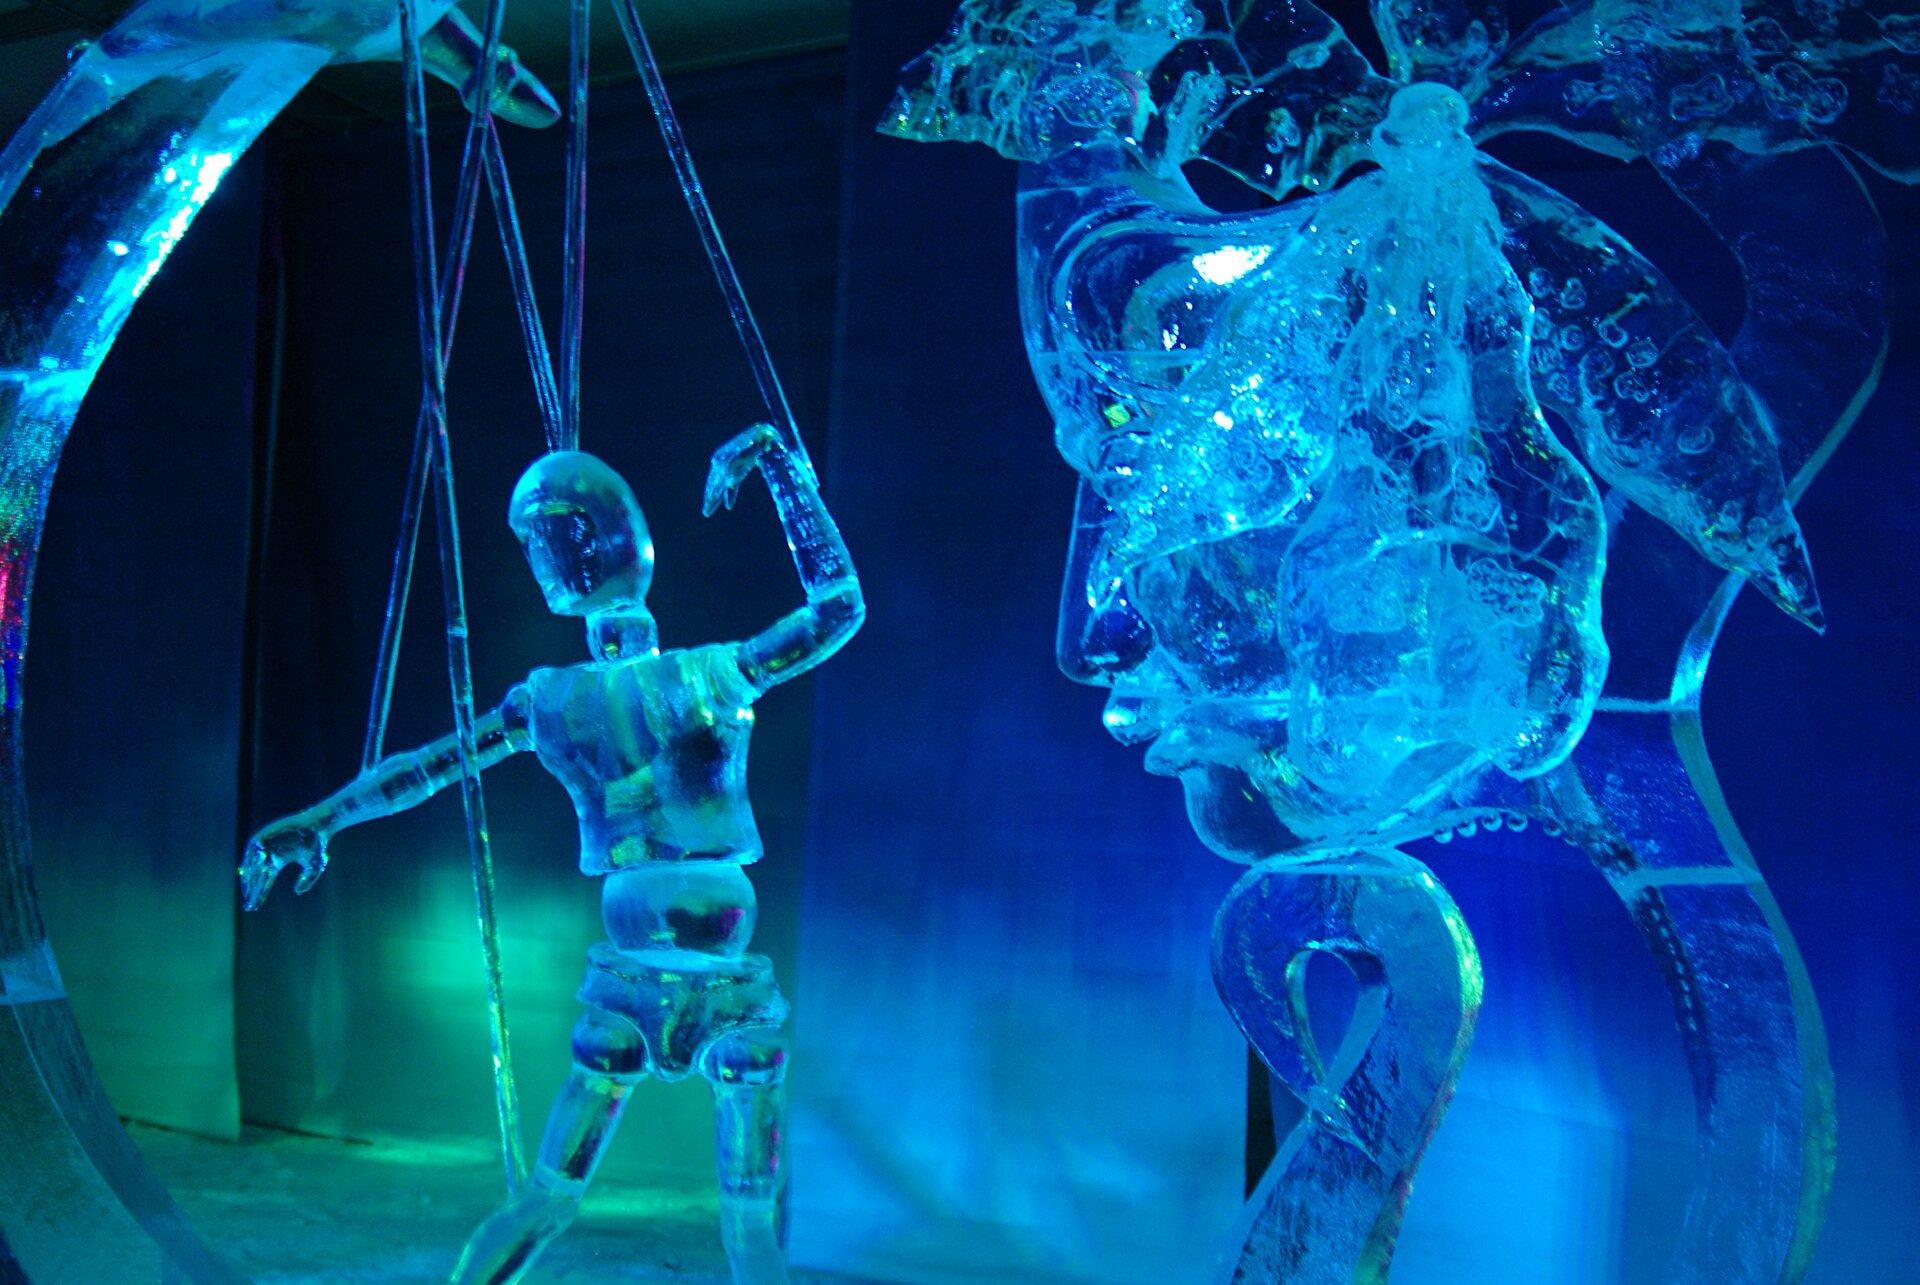 Ilustracja przedstawia rzeźby wykonane zlodu. Zlewej strony znajduje się rzeźba kukiełki na sznurkach, apo prawej stronie rzeźba twarzy. Wpomieszczeniu, wktórym prezentowane są rzeźby oświetlenie jest niebieskie izielone. Taki sam kolor mają rzeźby.